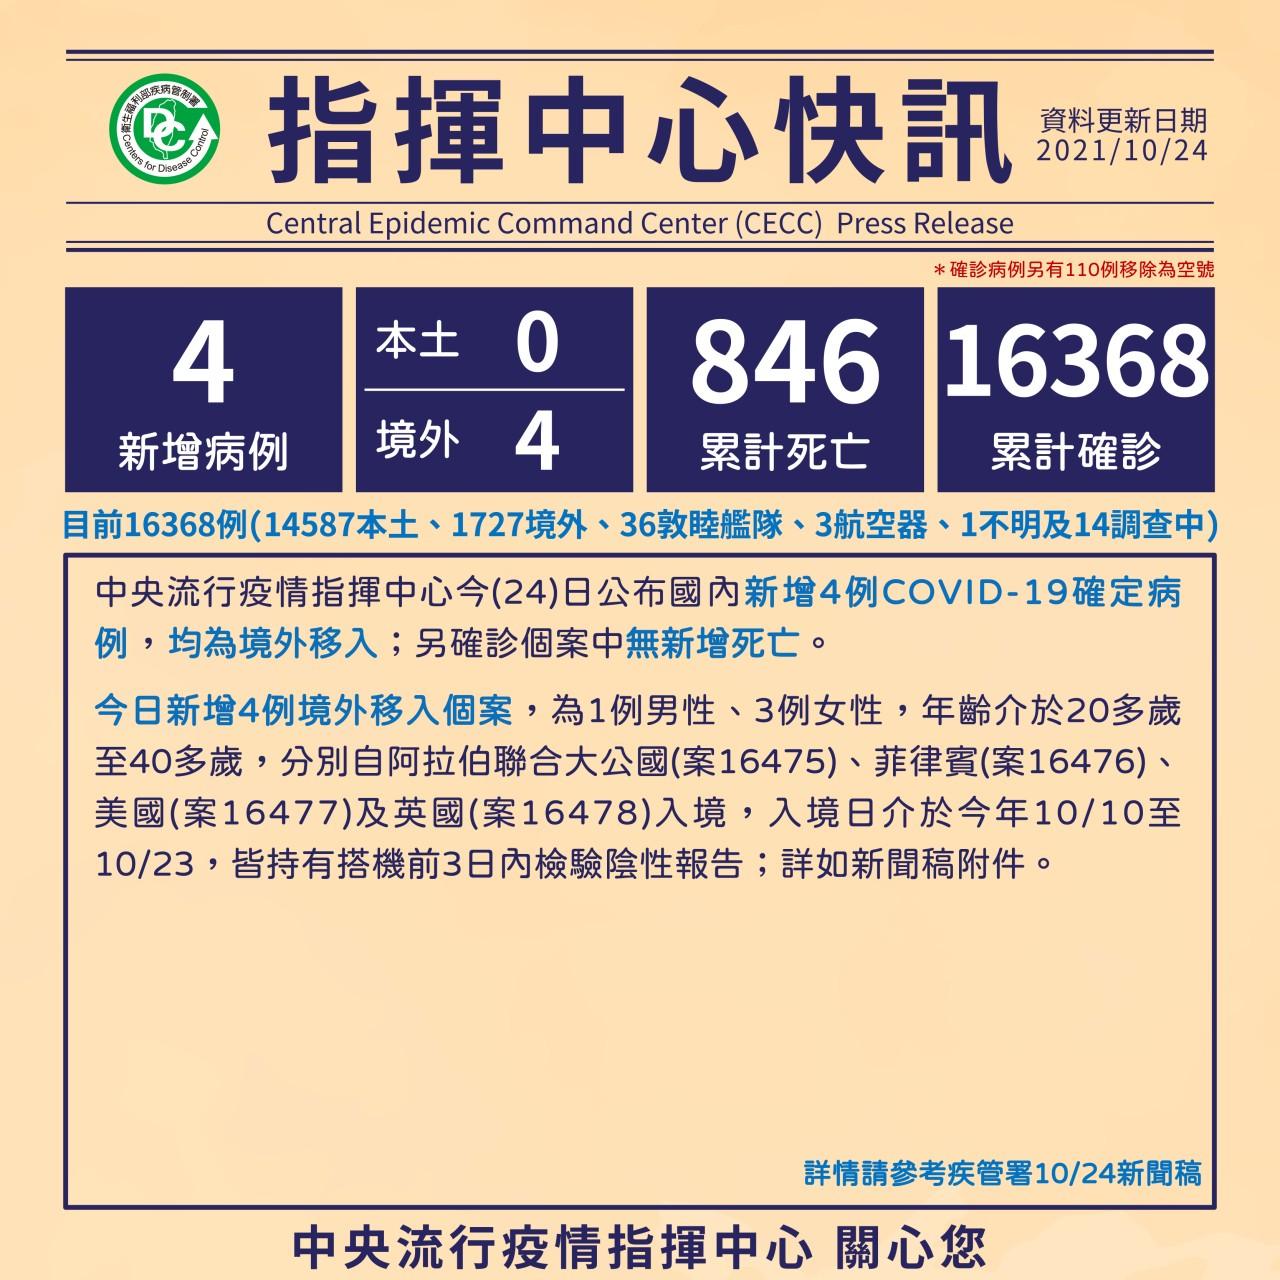 新冠確診10/24增4境外移入  累計16368染疫846亡